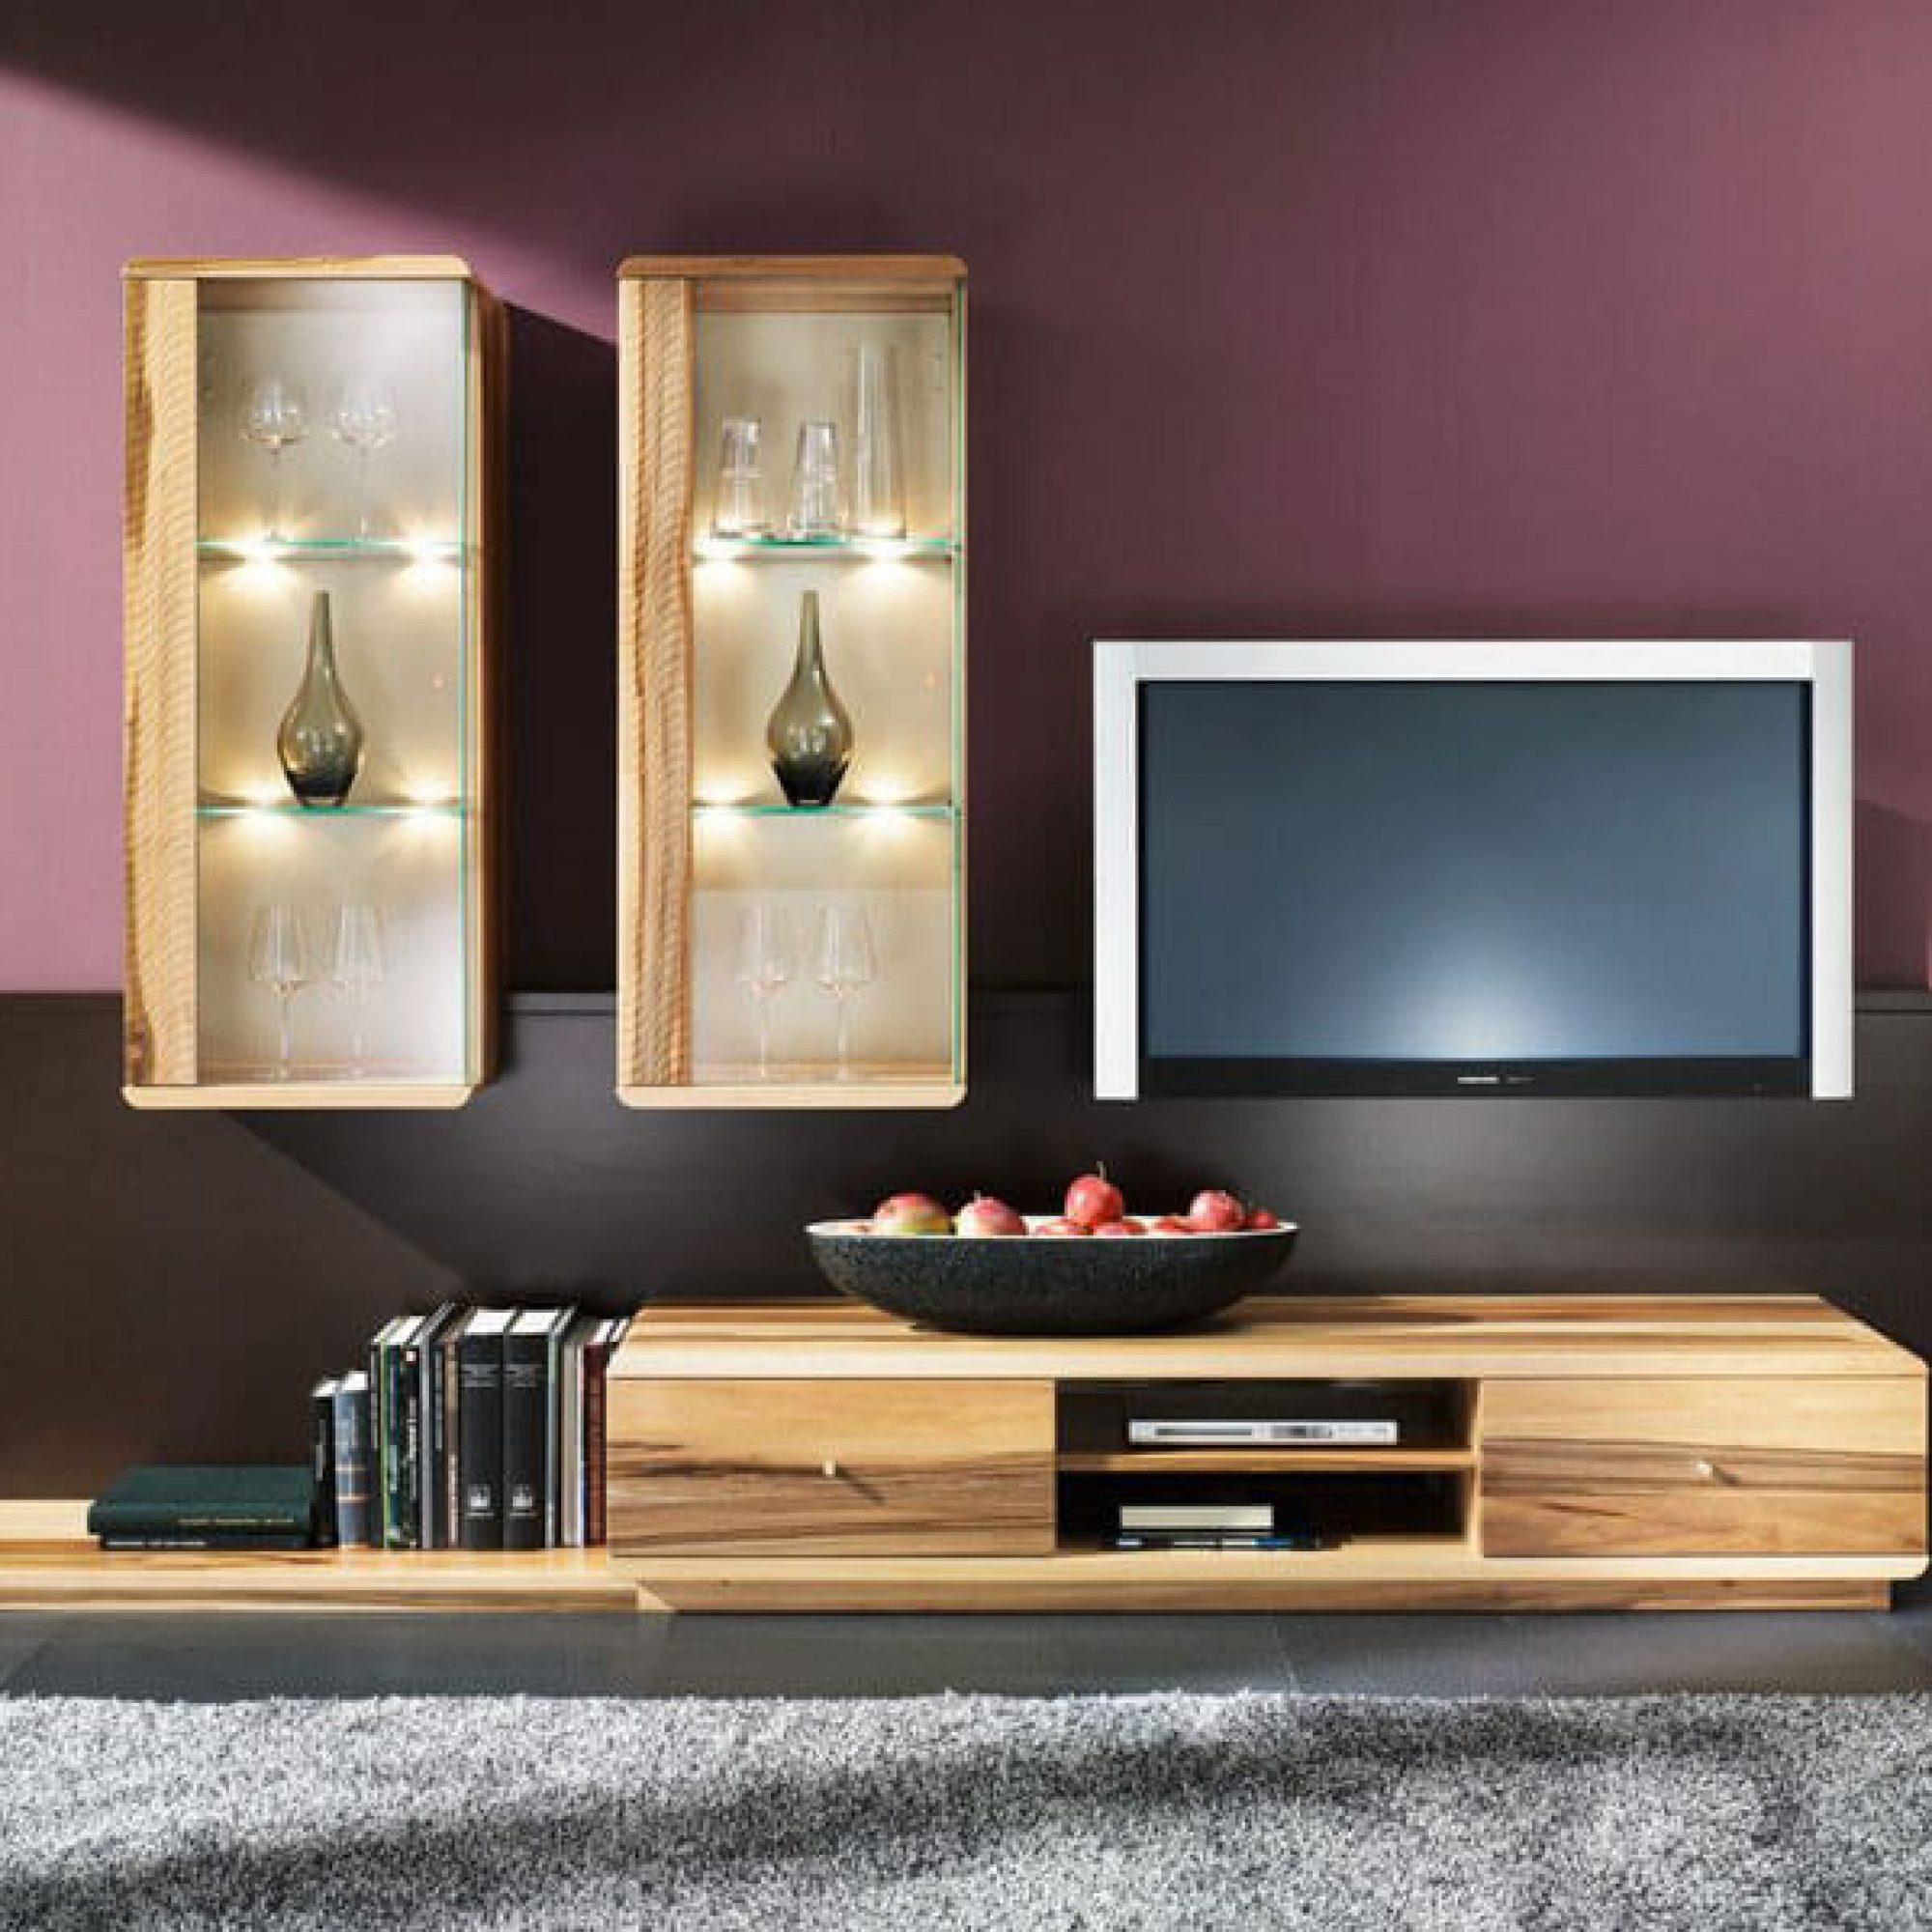 freudenreich-wohnstudio-brader-moebel14132100247